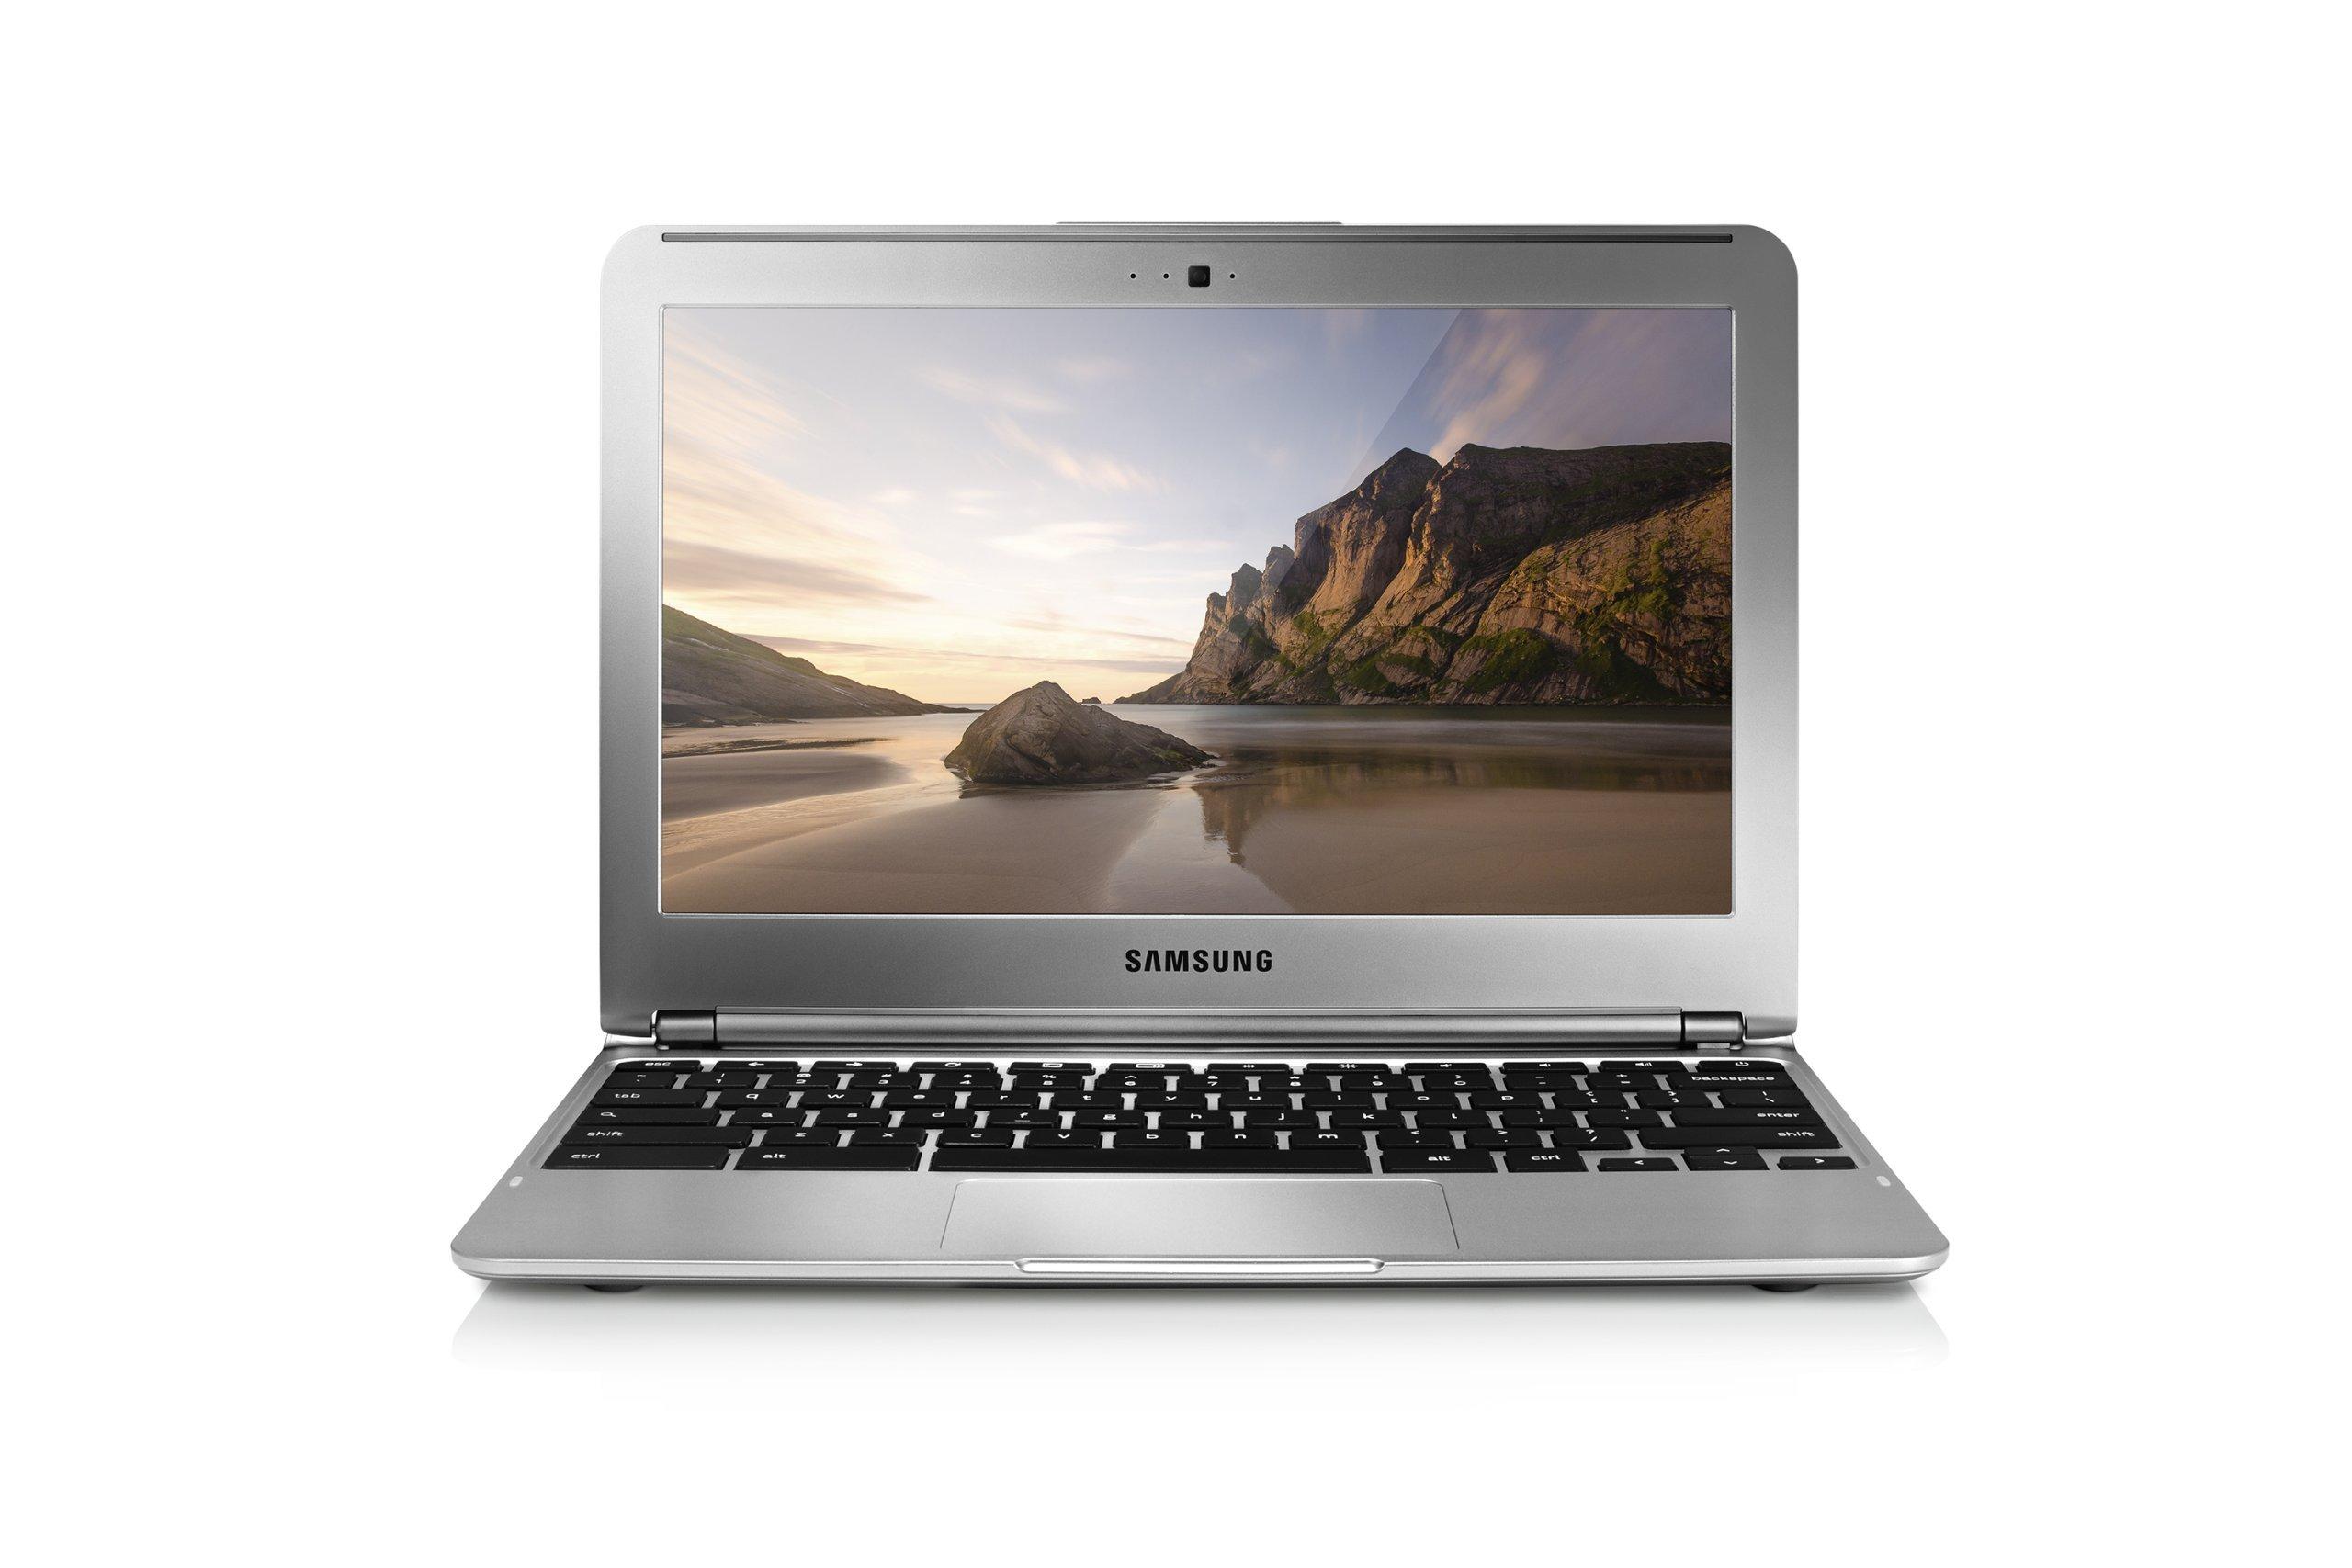 samsung-chromebook-xe303c12-a01-116-inch-exynos-5250-2gb-ram-16gb-ssd-silver-renewed